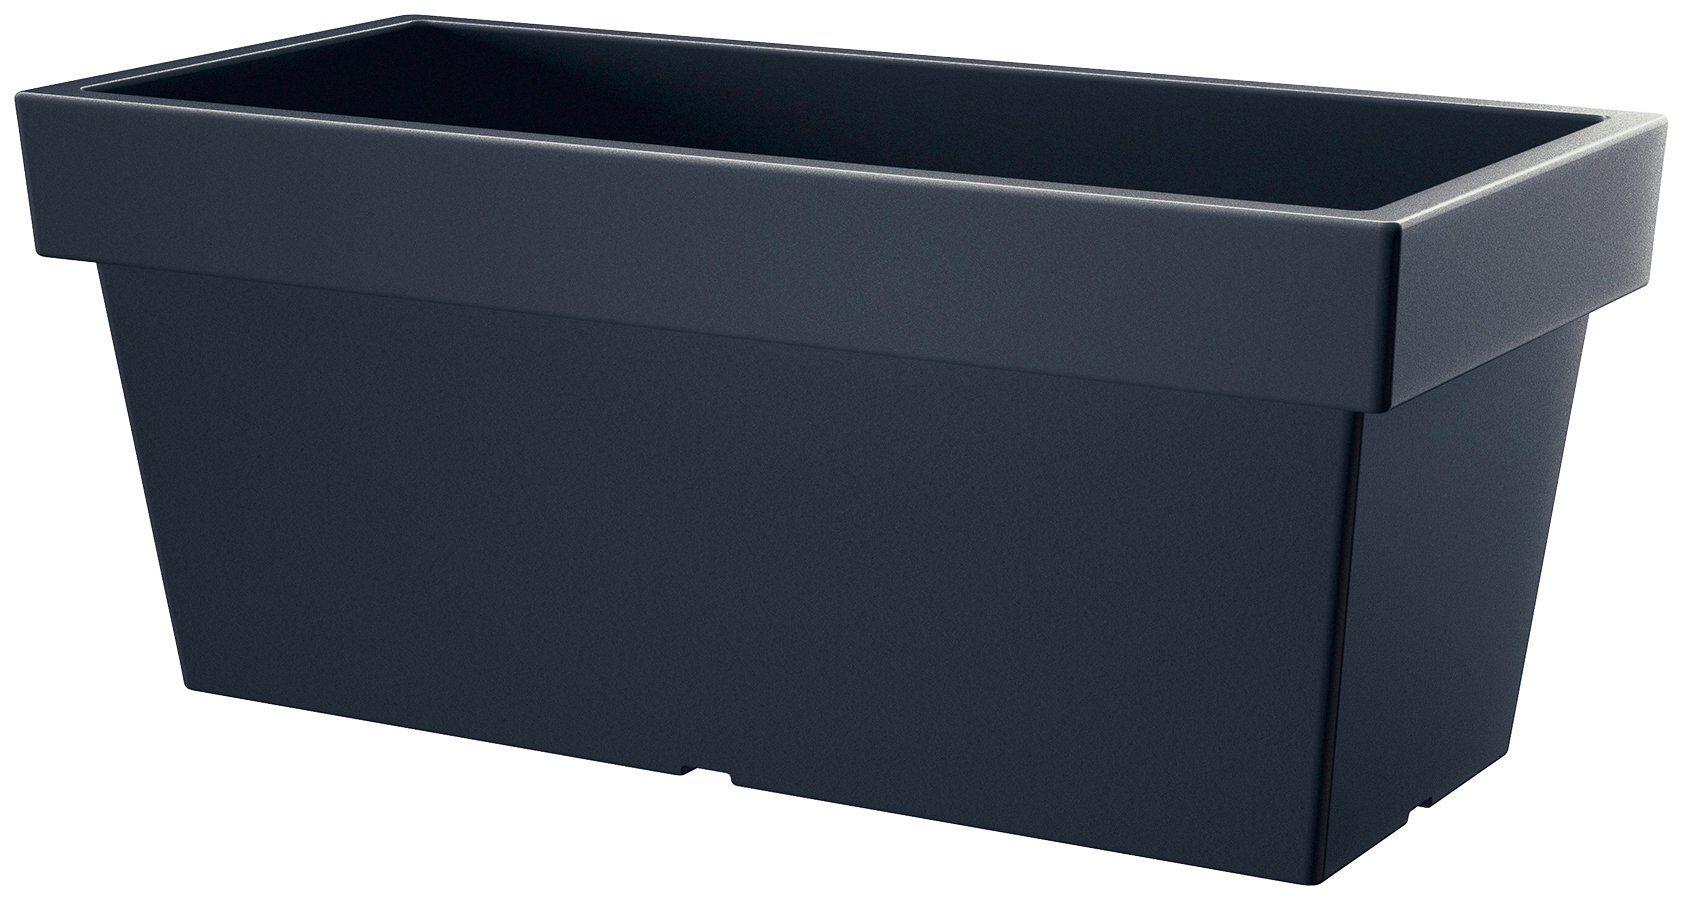 PROSPERPLAST Blumenkasten »Lofly case«, anthrazit, BxTxH: 99,2x39x41 cm